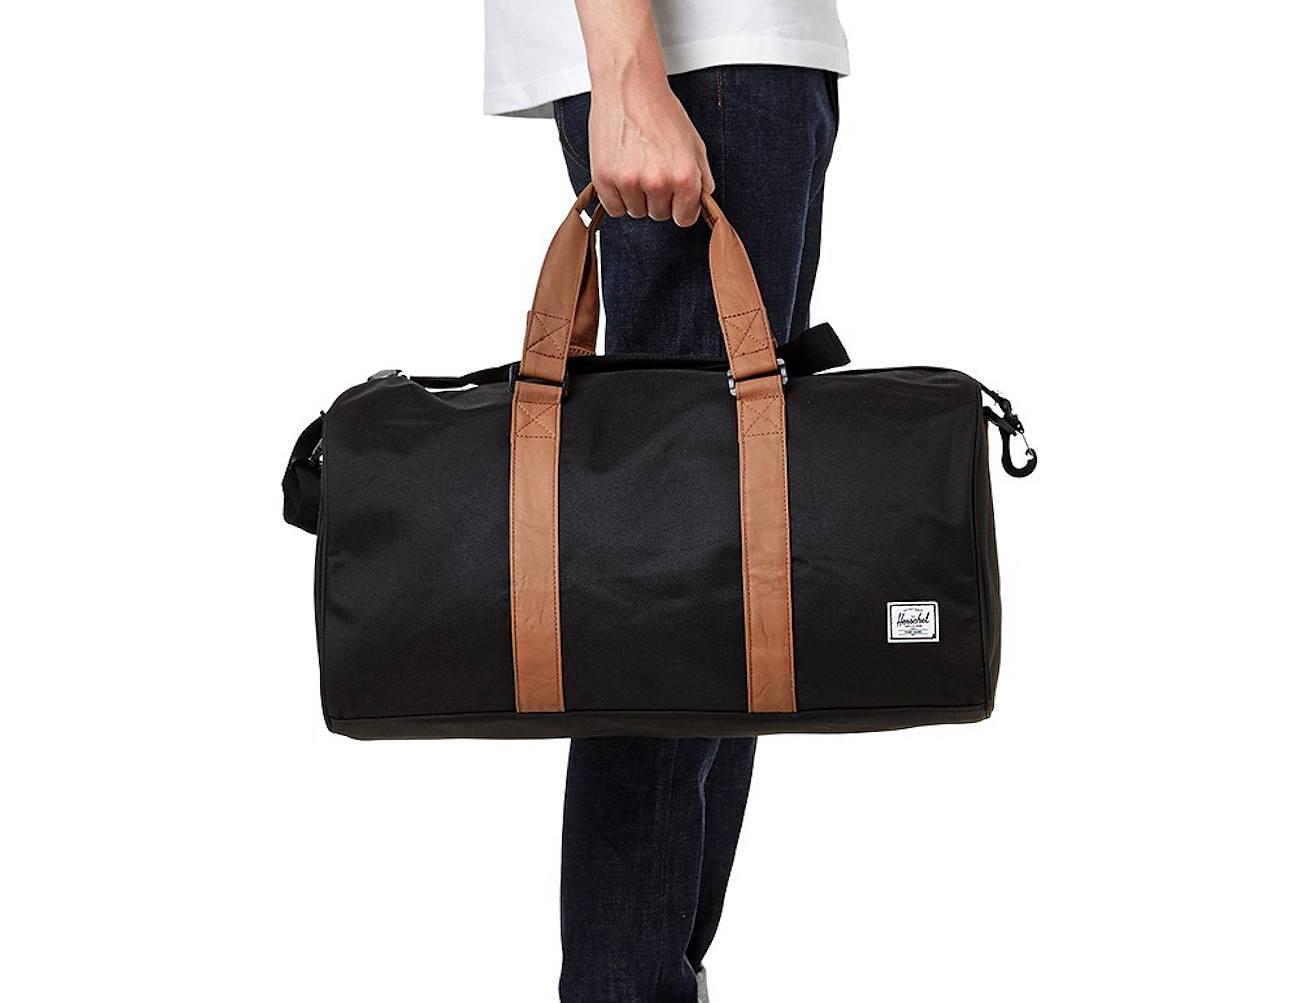 Ravine Duffle Bag by Herschel Supply Co